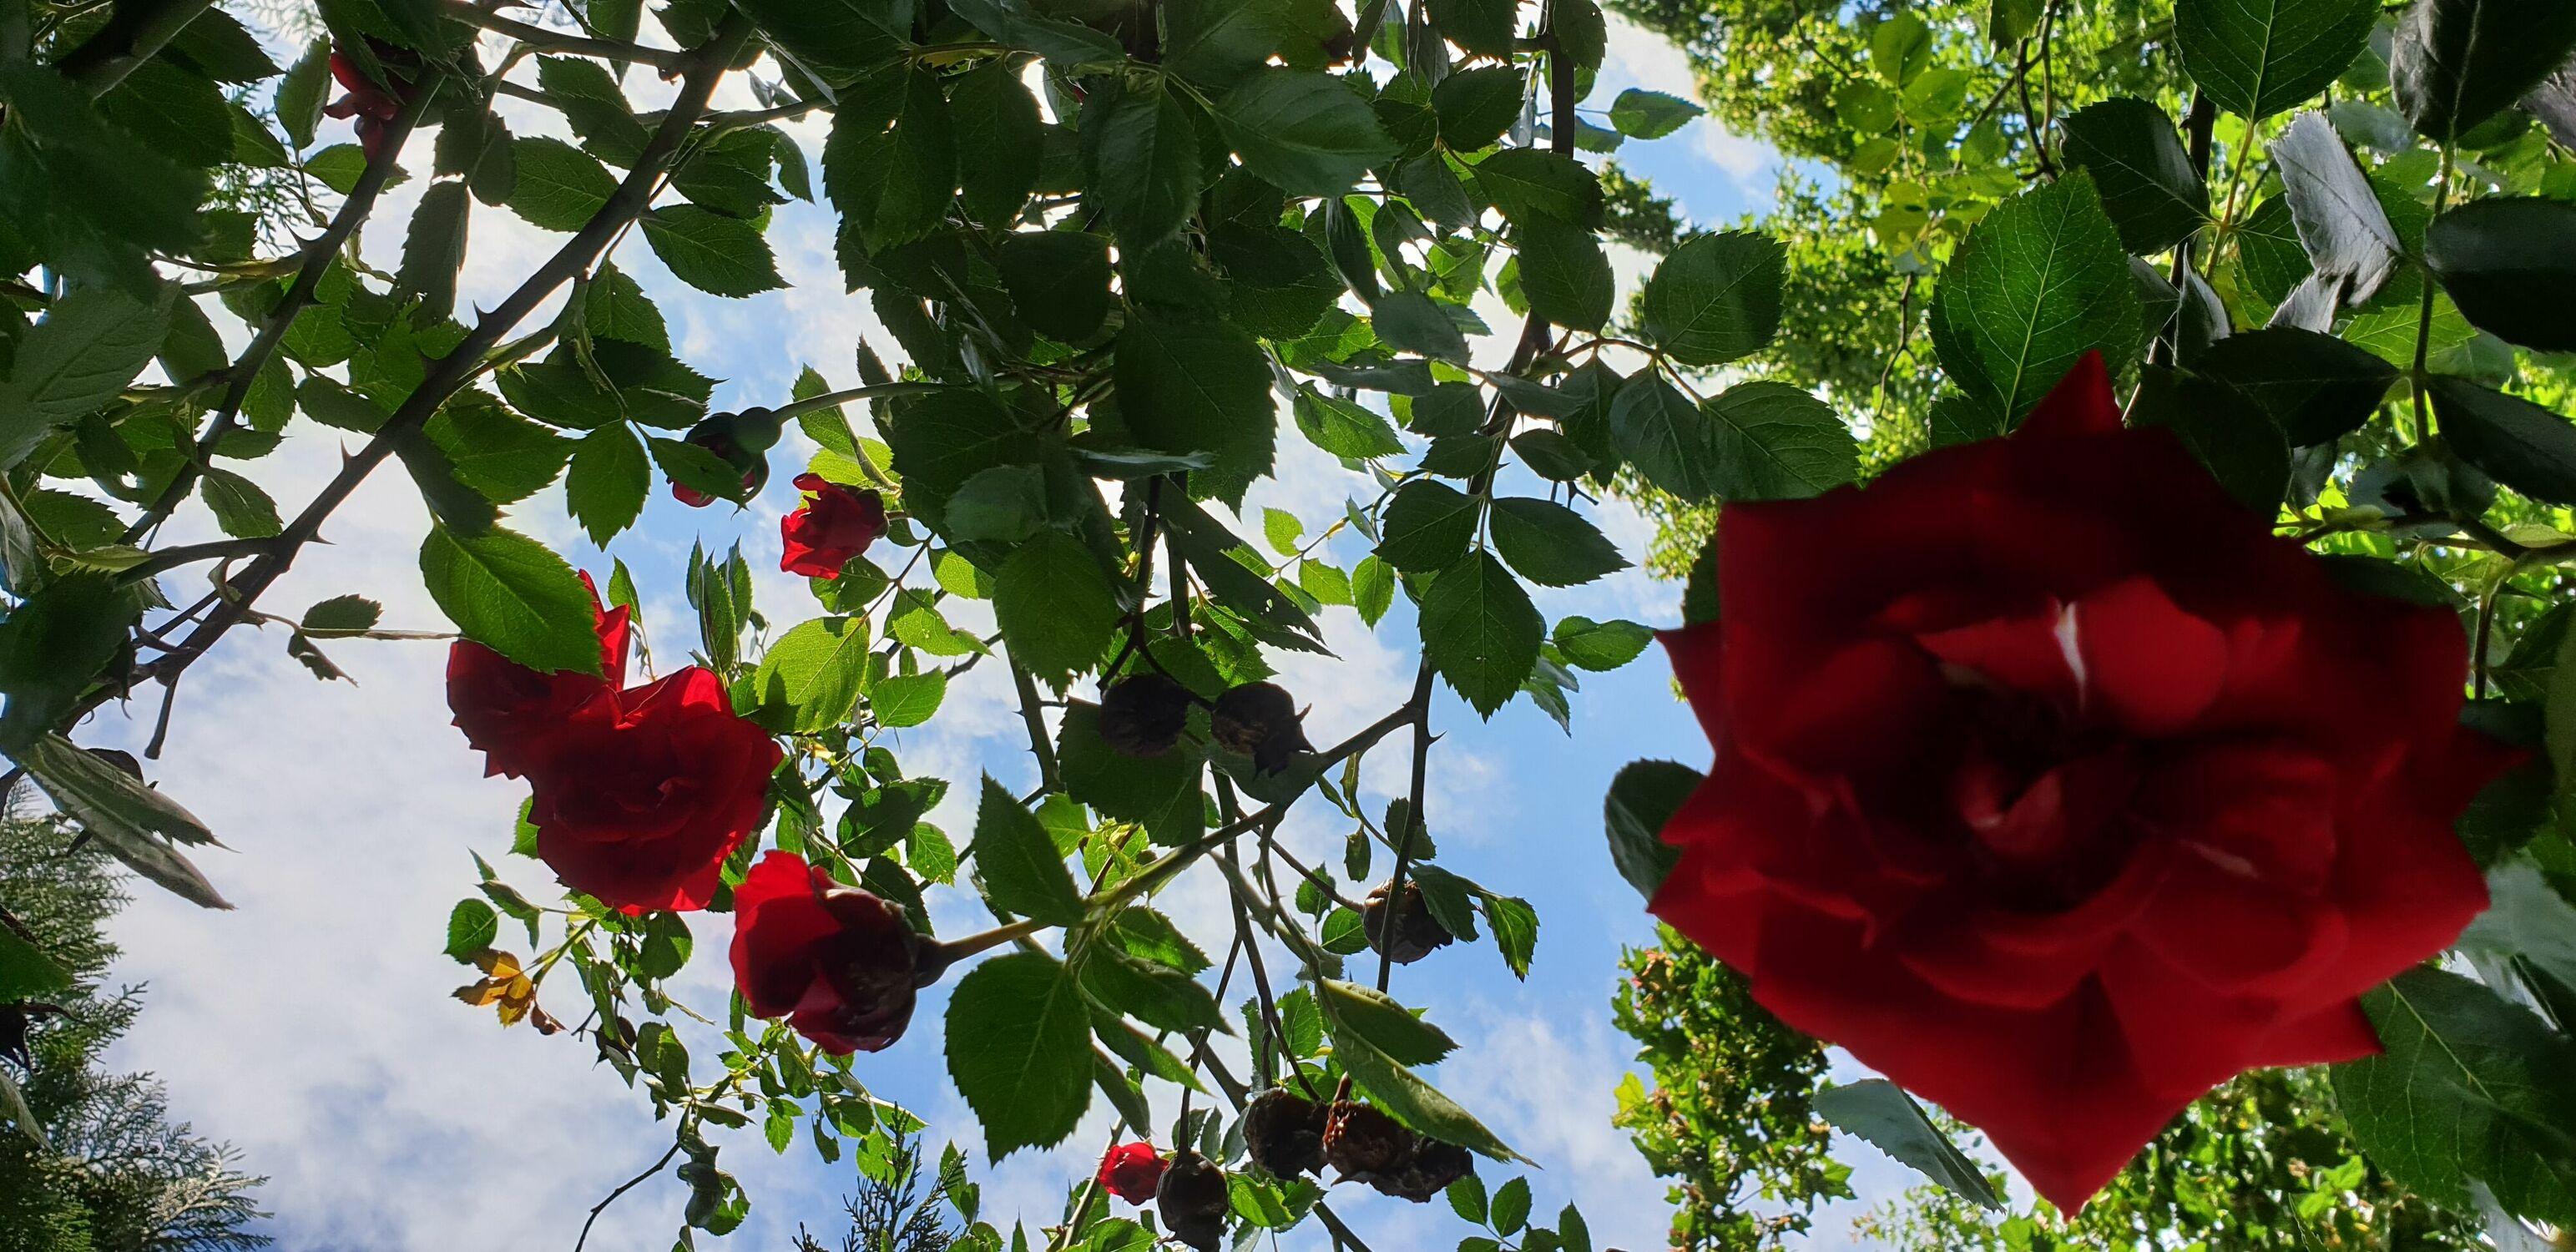 Bild mit Himmel, Blumen, Rot, Rosen, Rosenblüte, Blauer Himmel